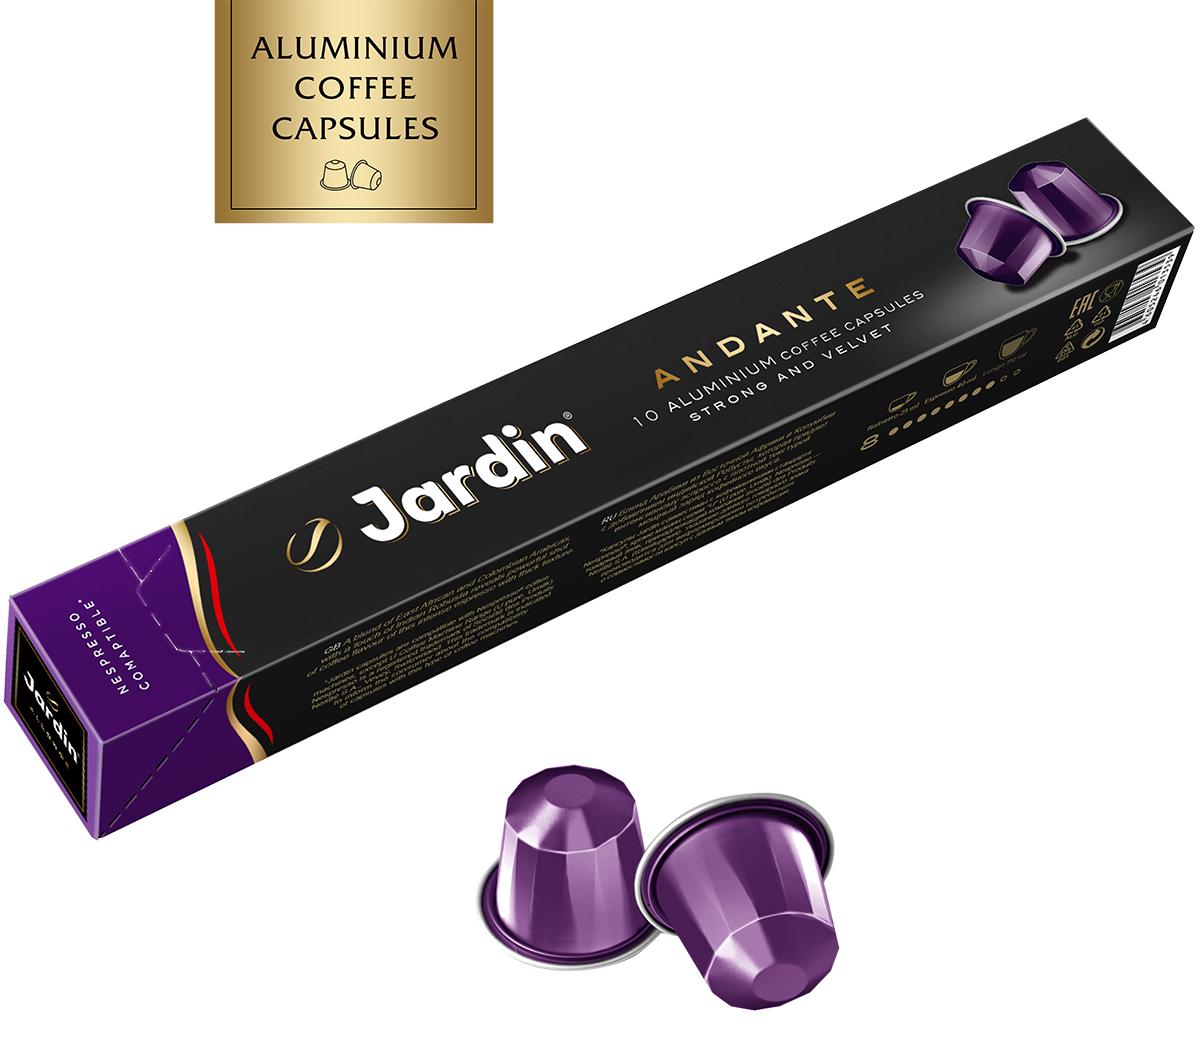 Jardin Andante кофе жареный молотый в алюминиевых капсулах, 10 шт по 5 г блюз эспрессо по ирландски кофе молотый в капсулах 10 шт